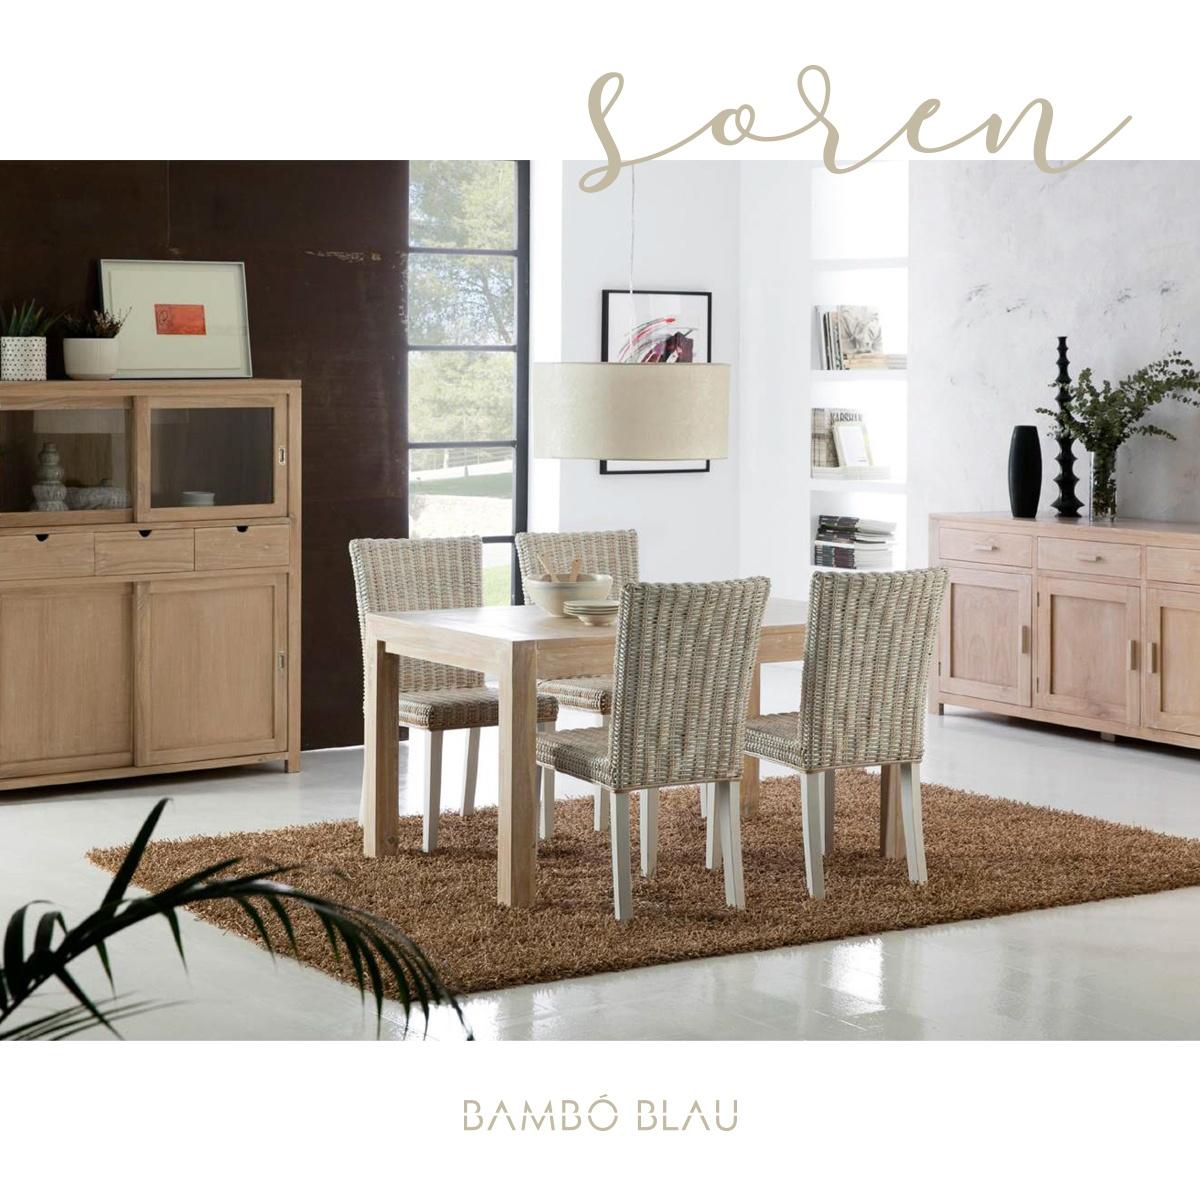 Colección Soren by Bambó Blau